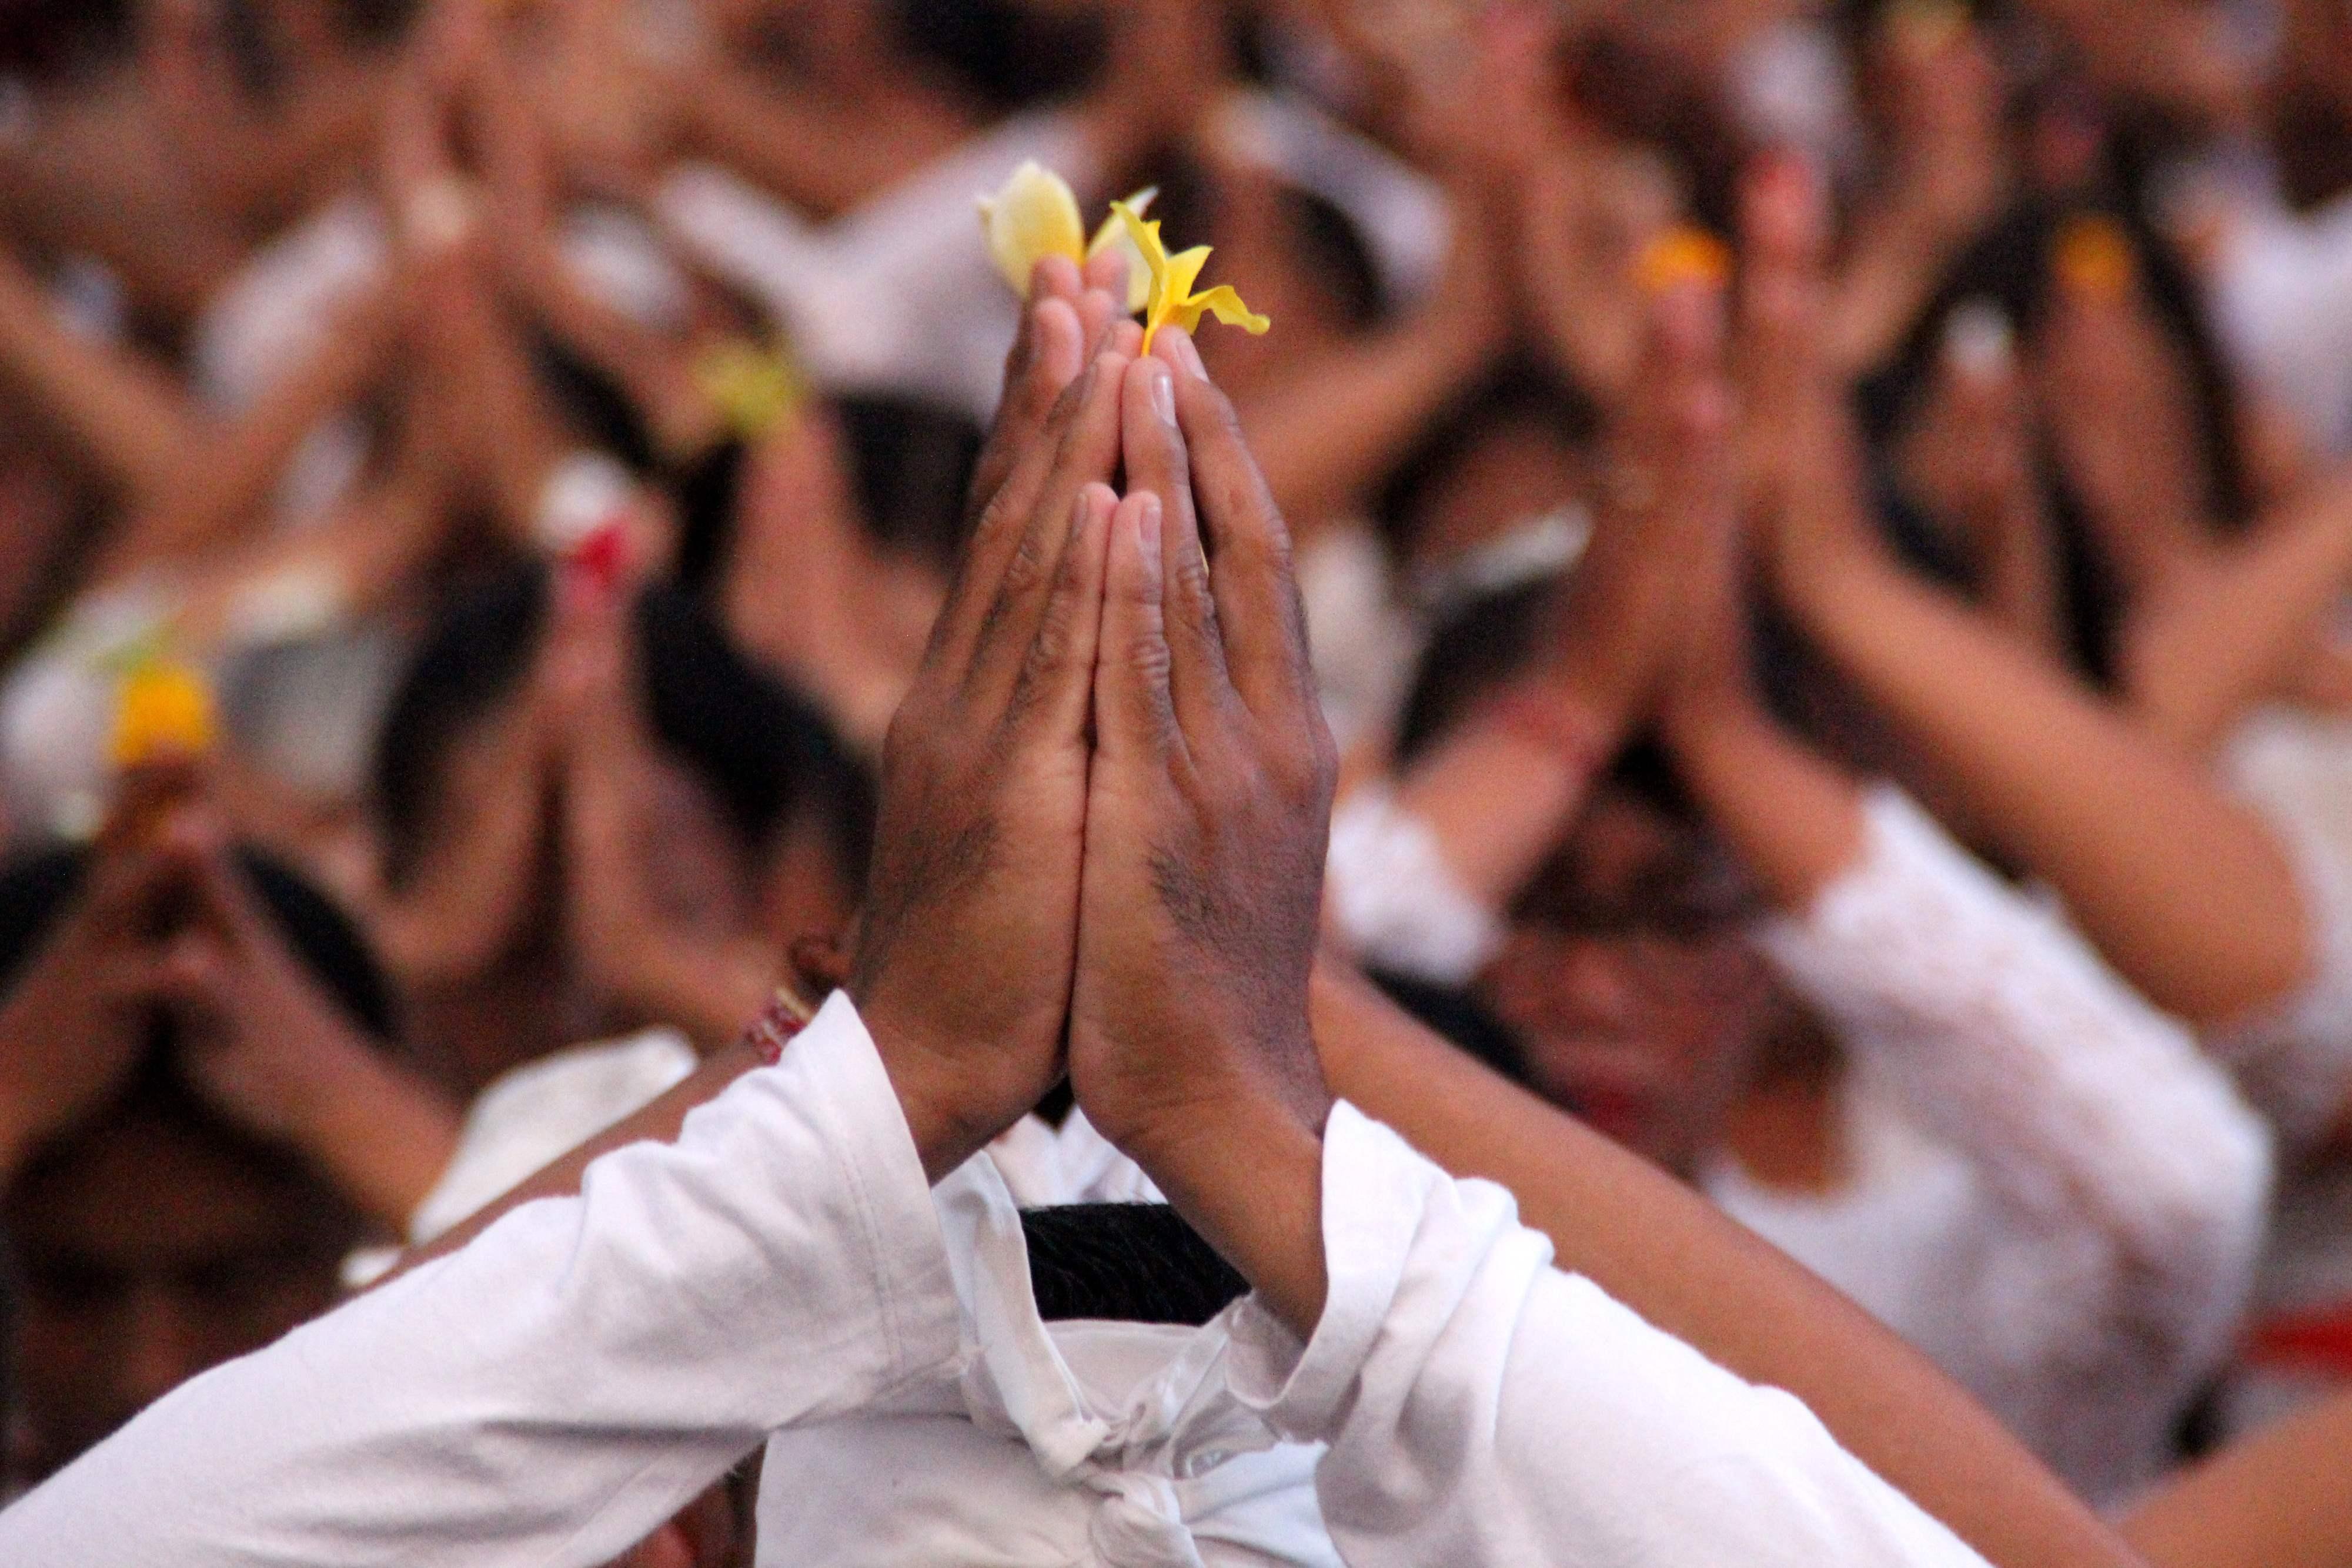 المصلون الهندوس يحملون الزهور